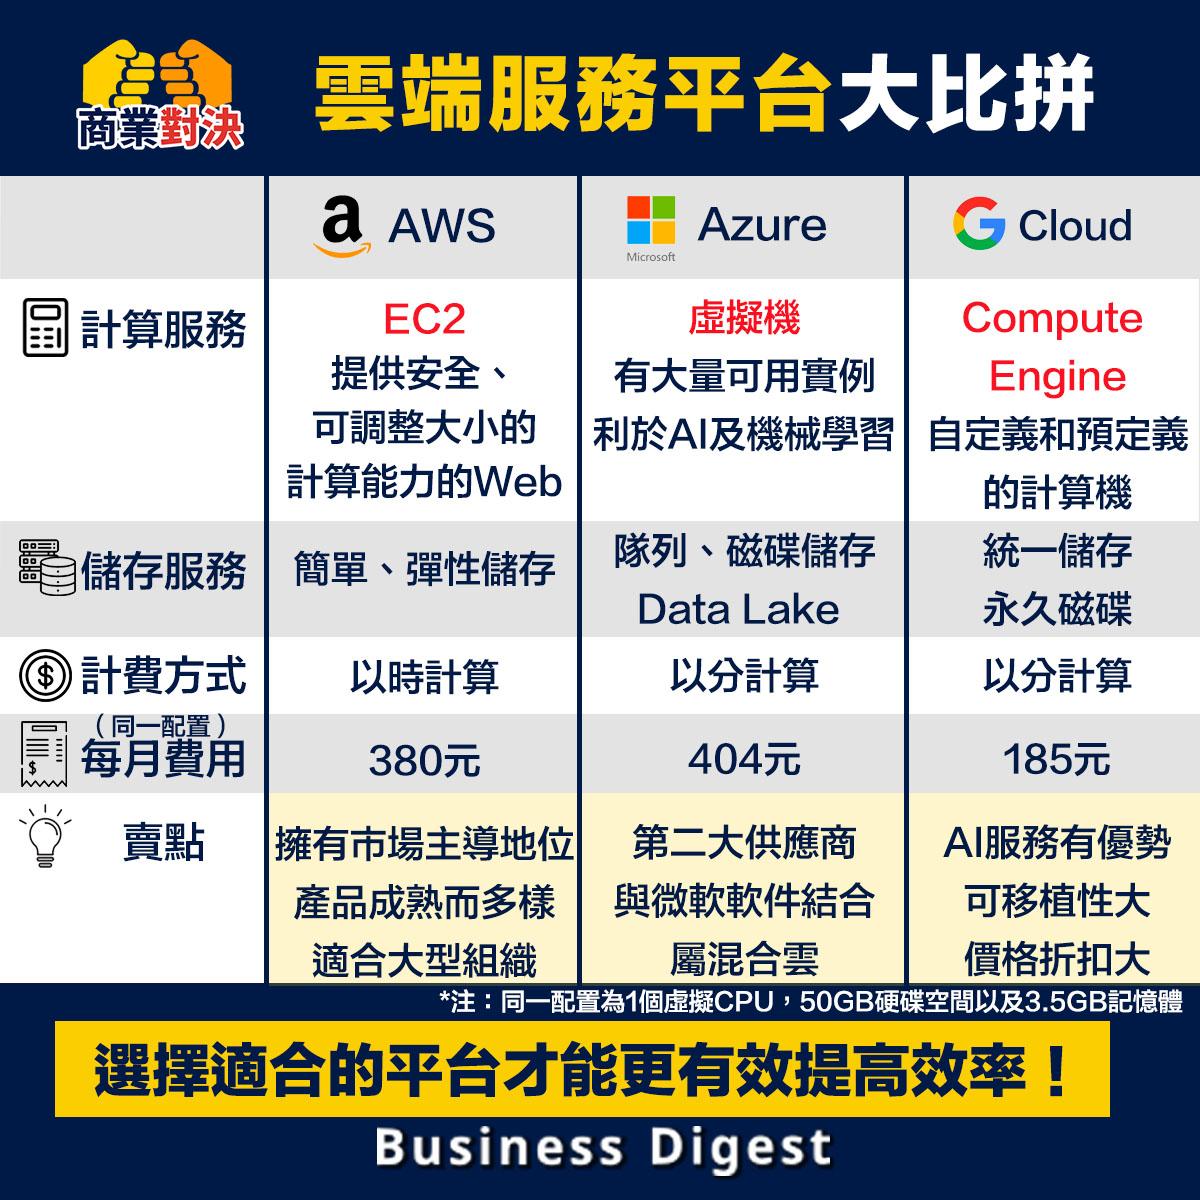 雲端服務平台大比拼